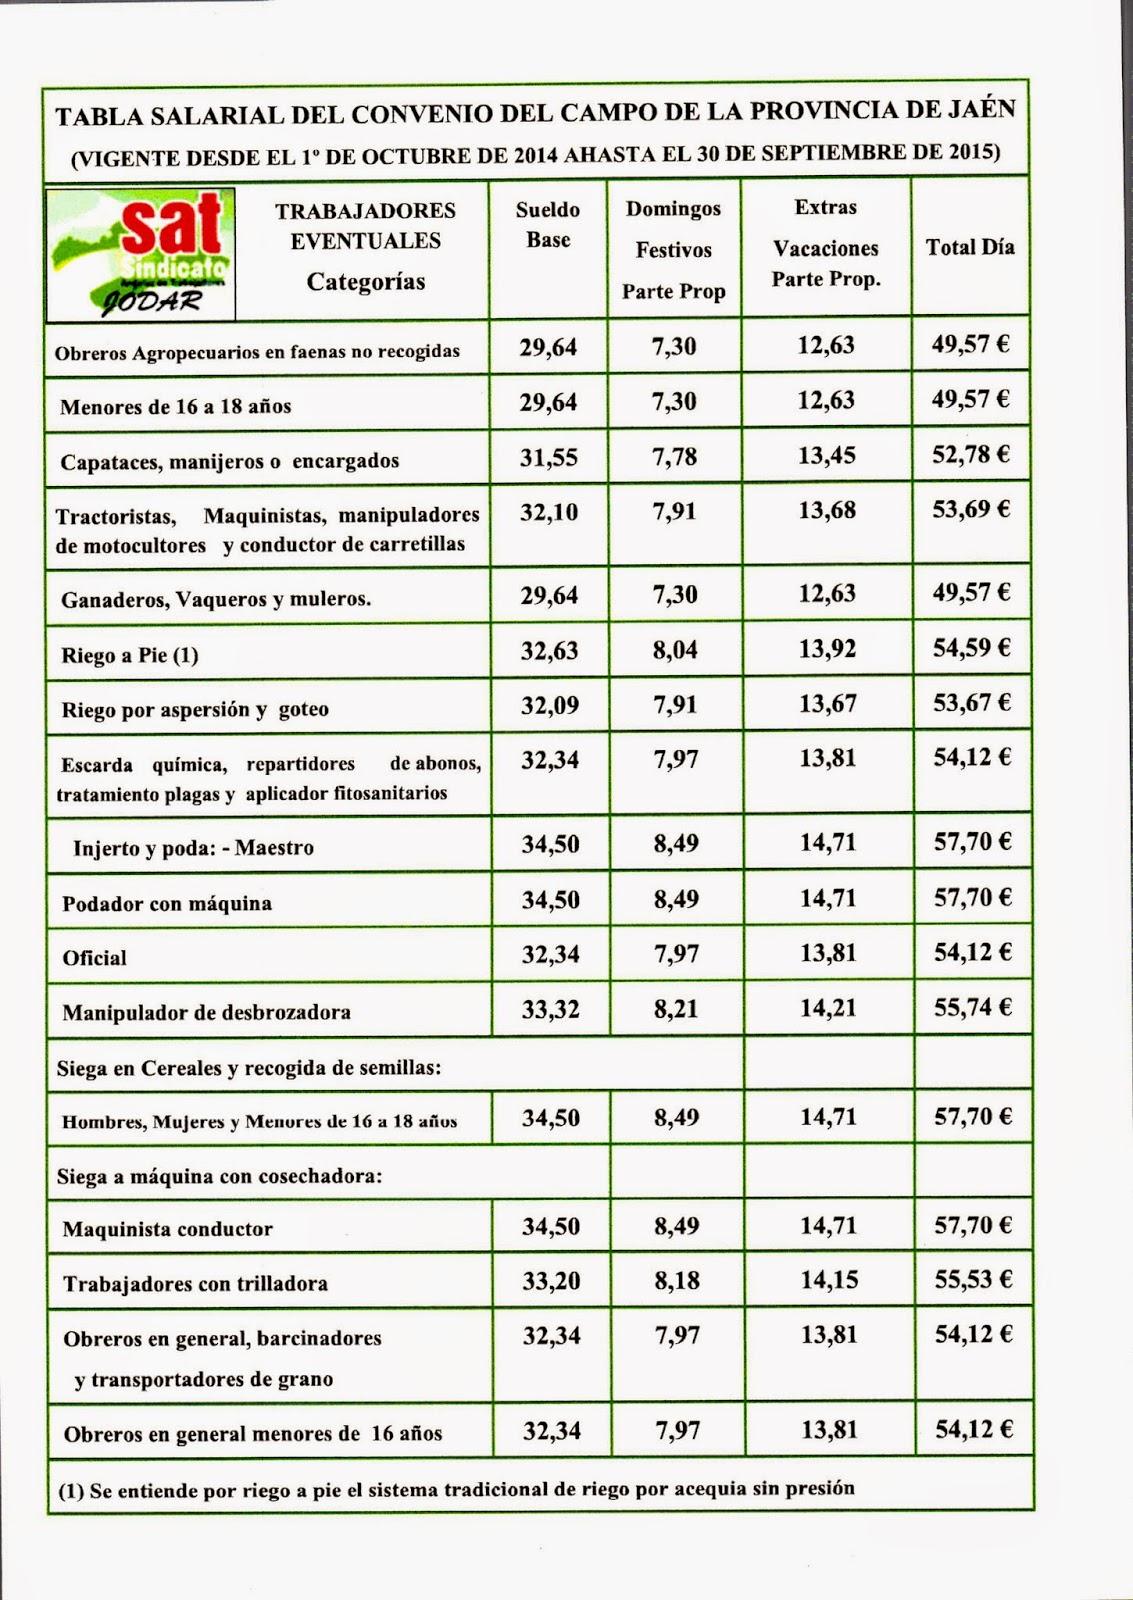 Convenio del campo tablas salariales 2014 2015 for Fuera de convenio 2018